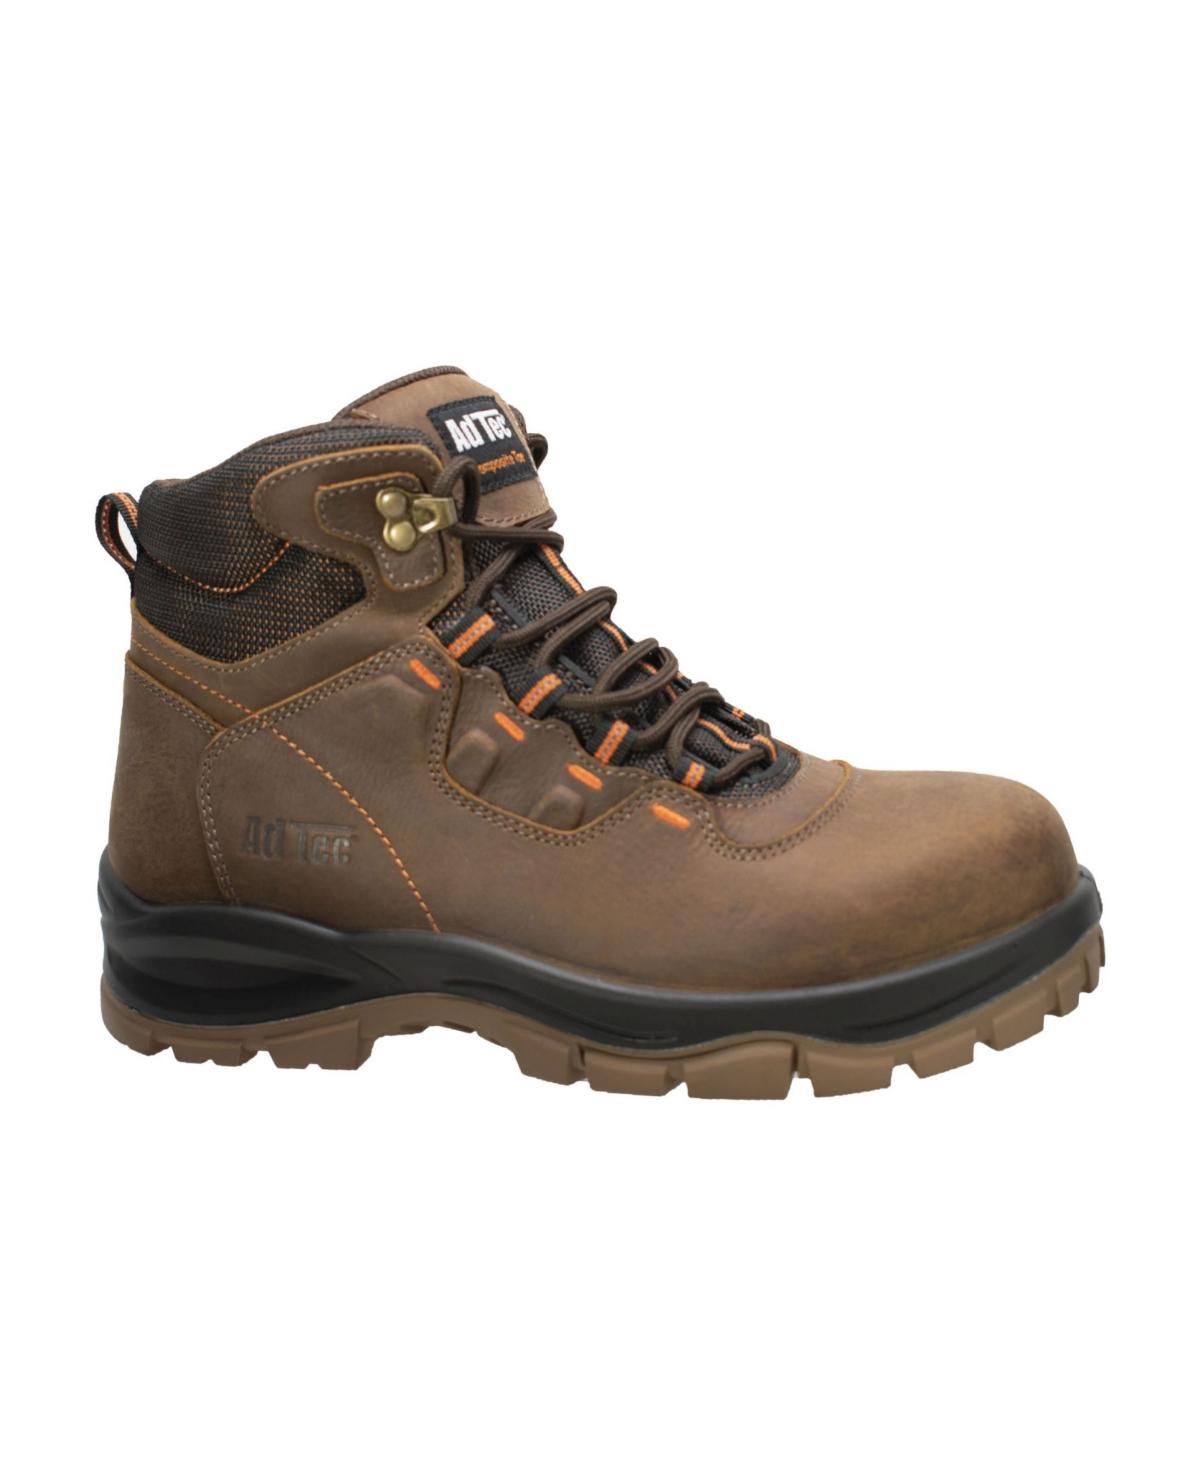 Men's Composite Toe Work Hiker Boot Men's Shoes